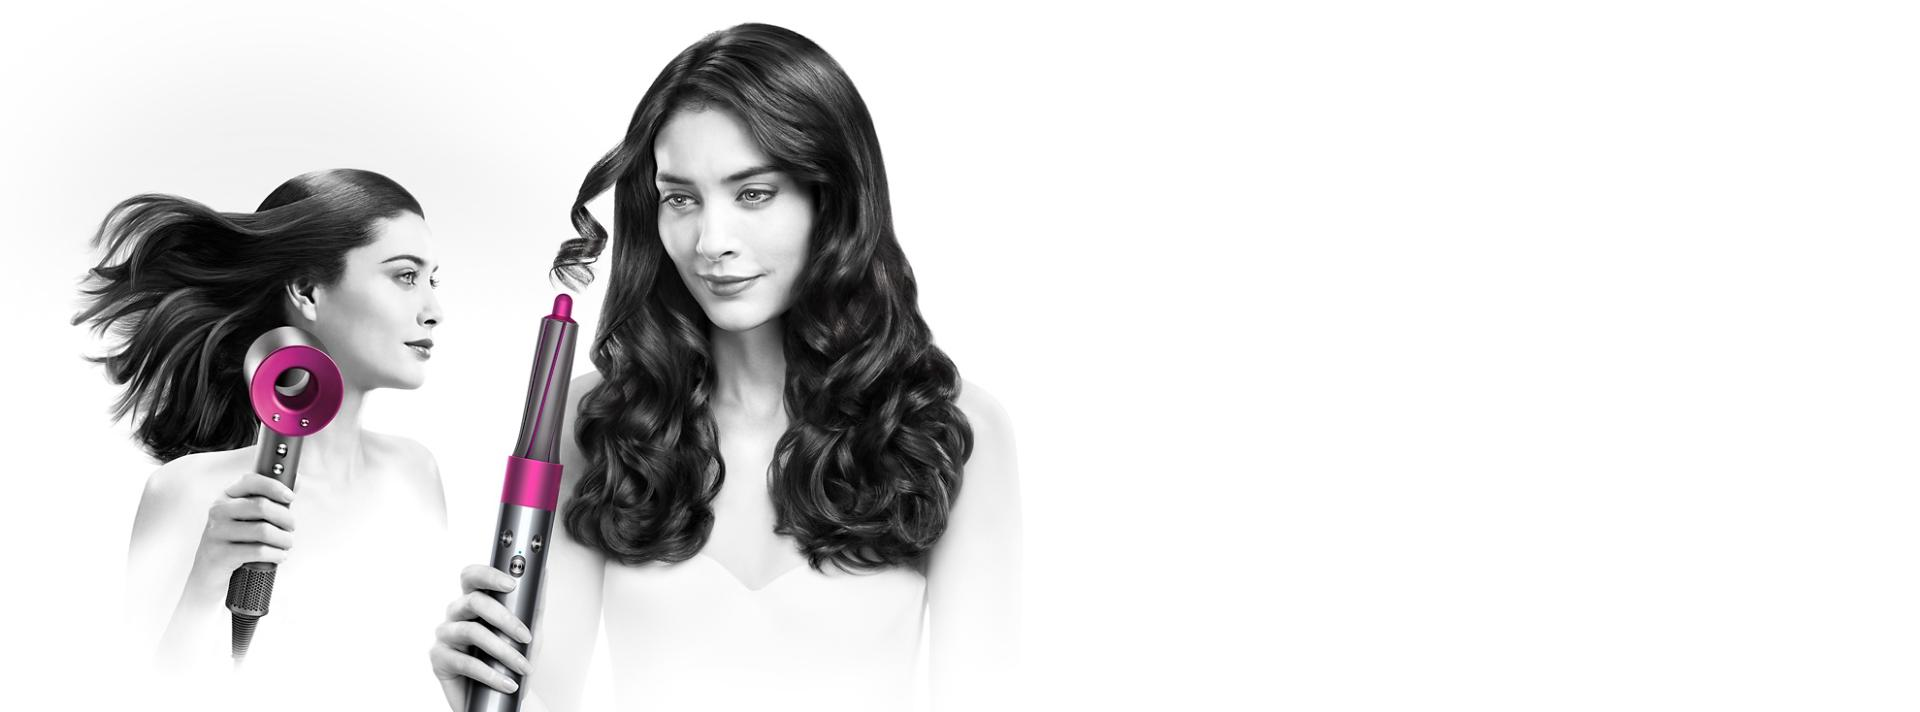 דוגמנית המשתמשת במגוון מוצרים בקטגורית טיפוח שיער